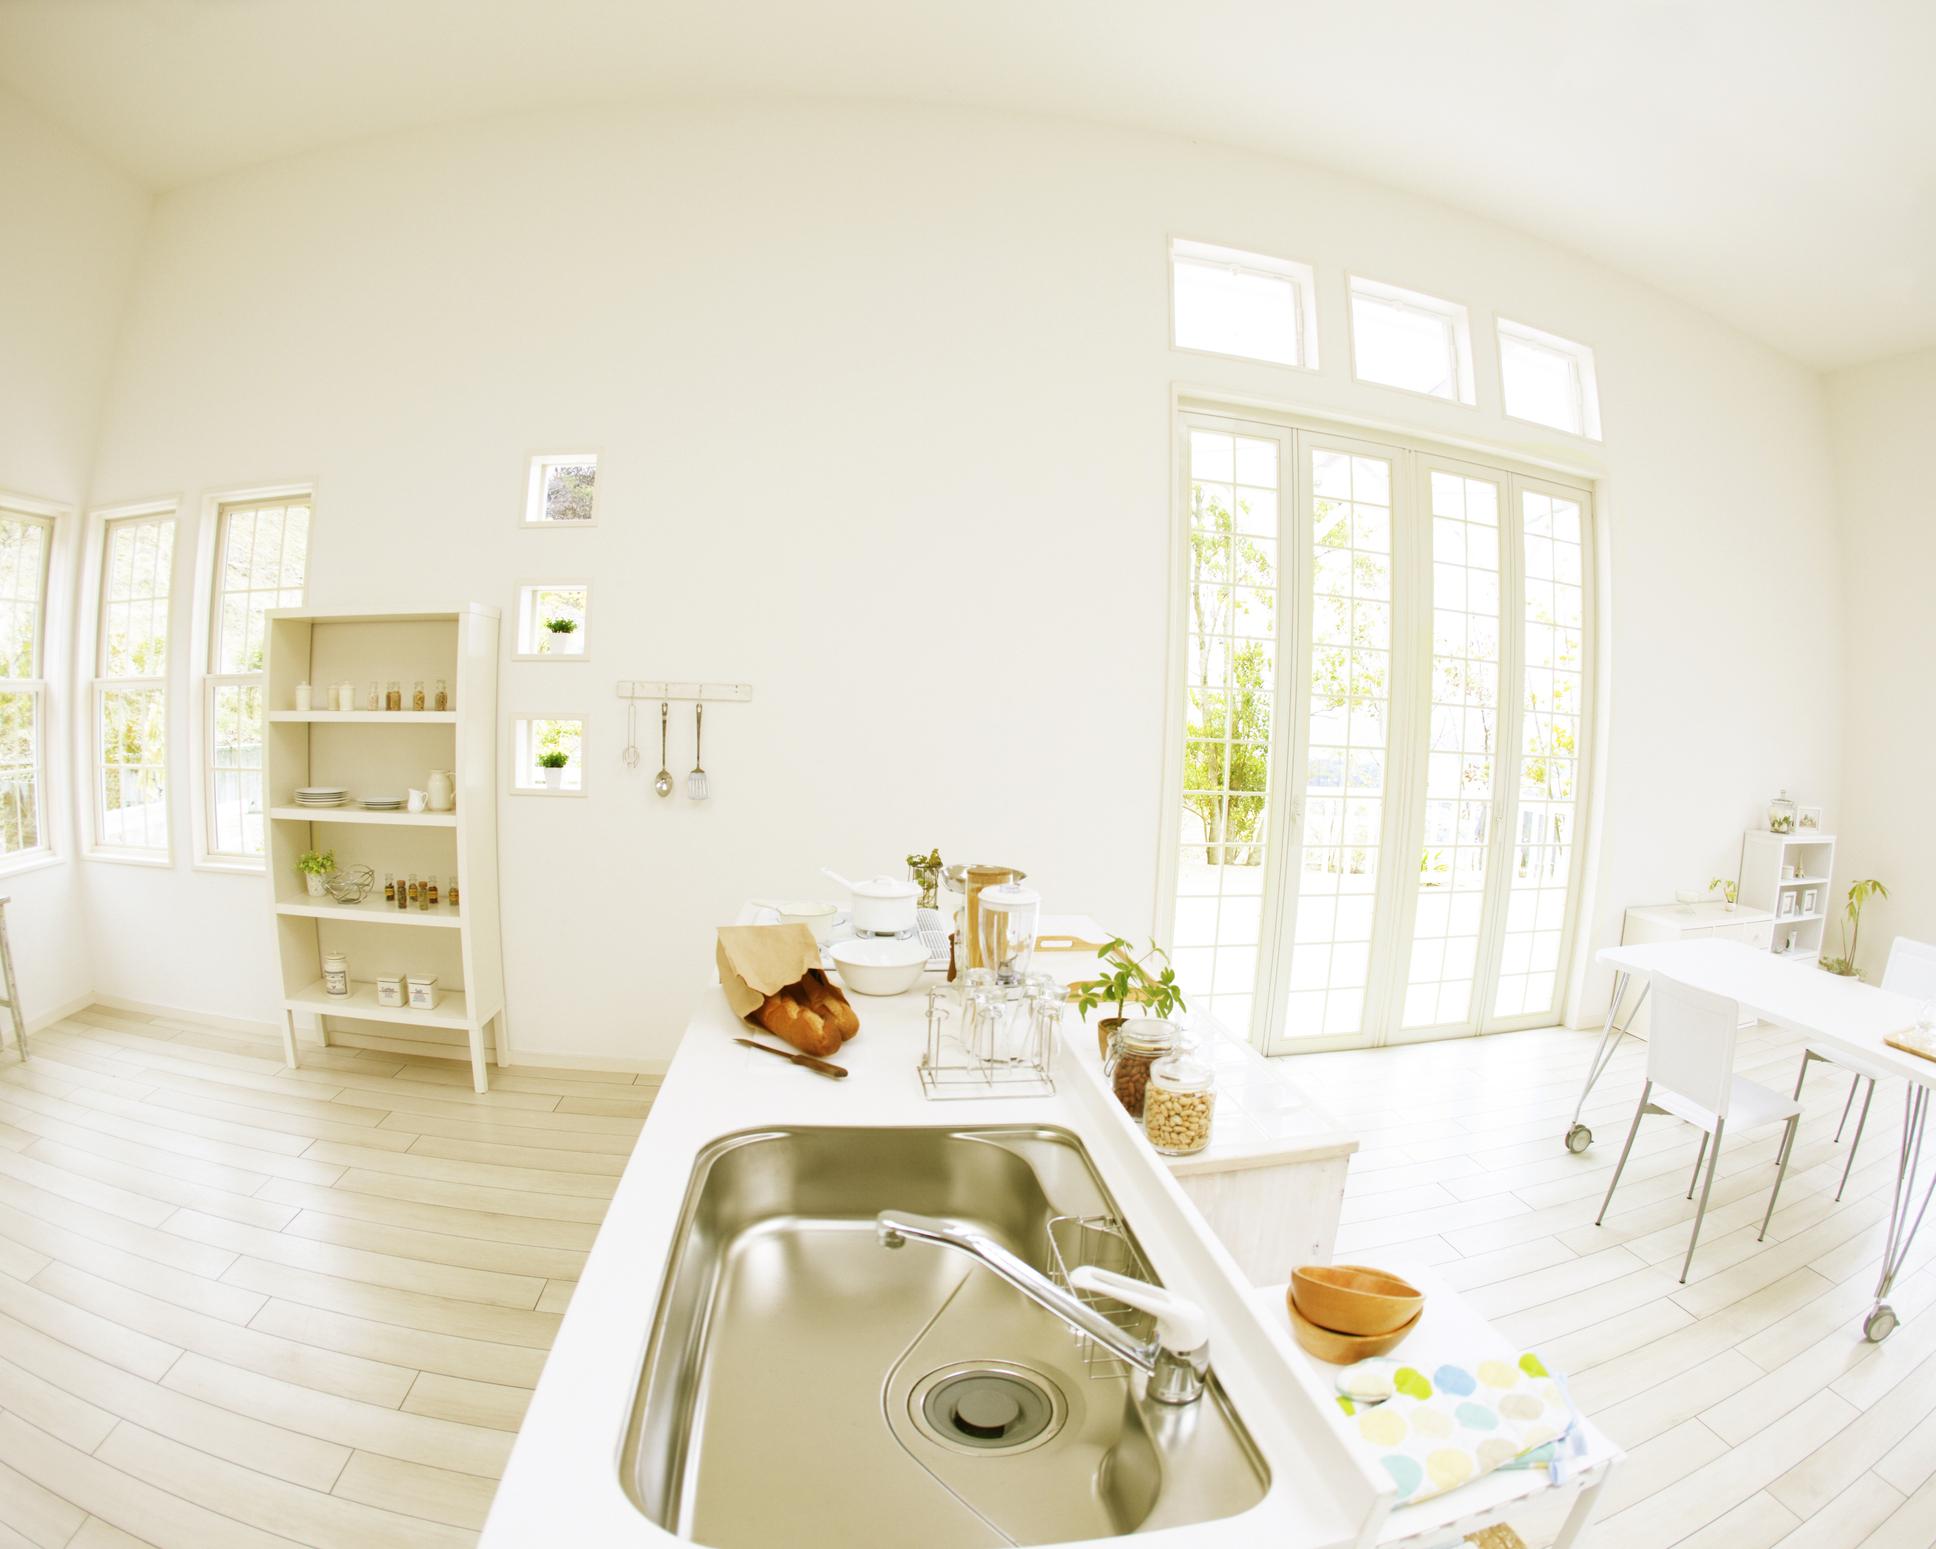 30 napos takarítás program a makulátlan otthonért